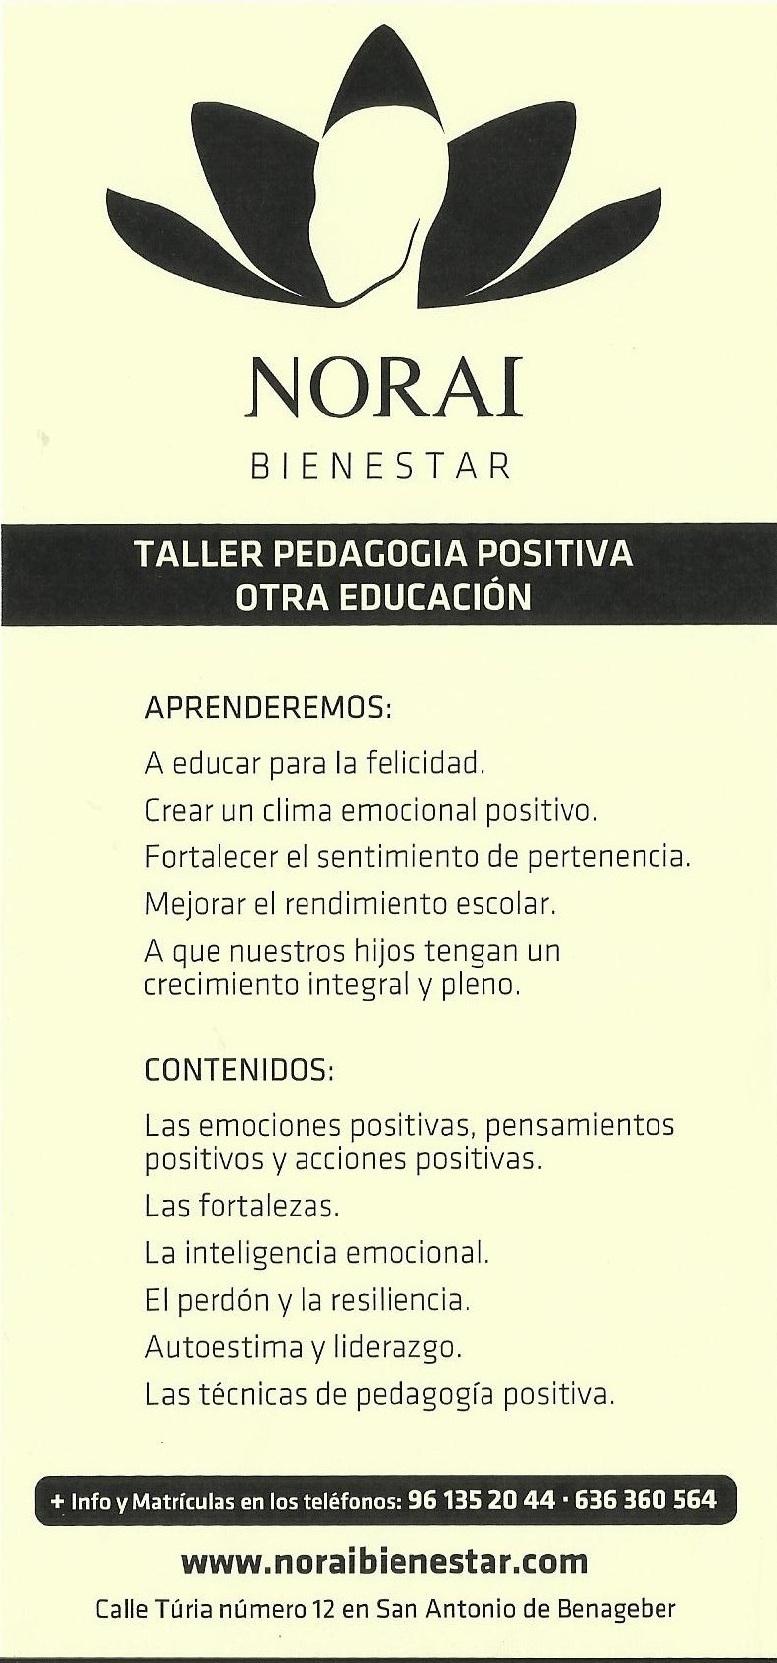 pedagogia positiva